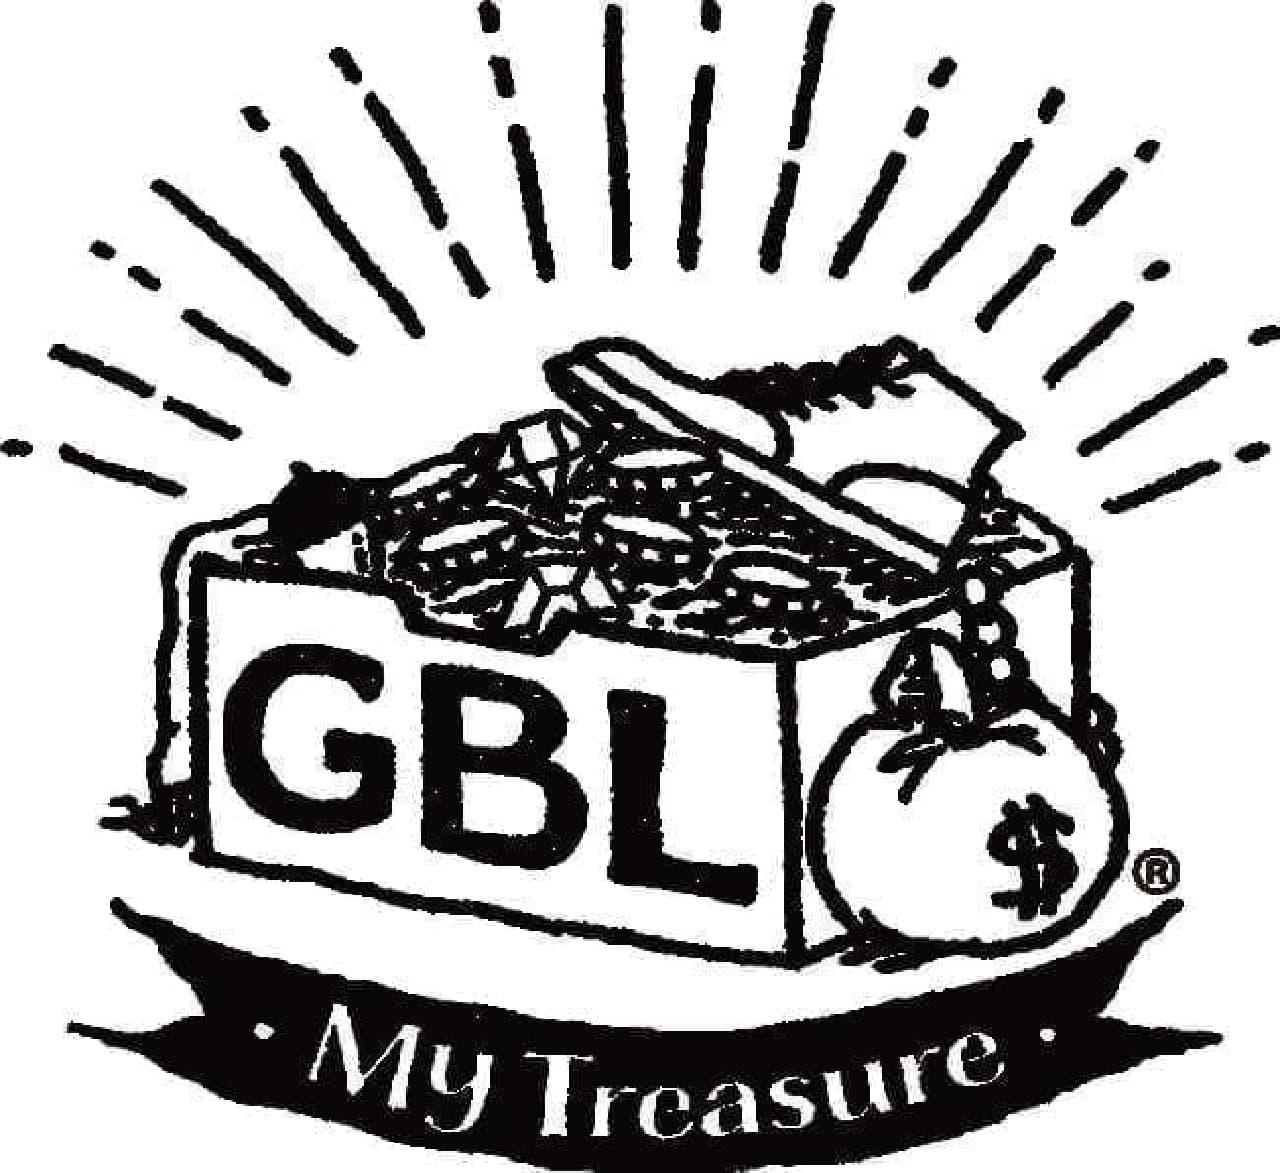 トトロのカラビナが大人のためのジブリ「GBL」から